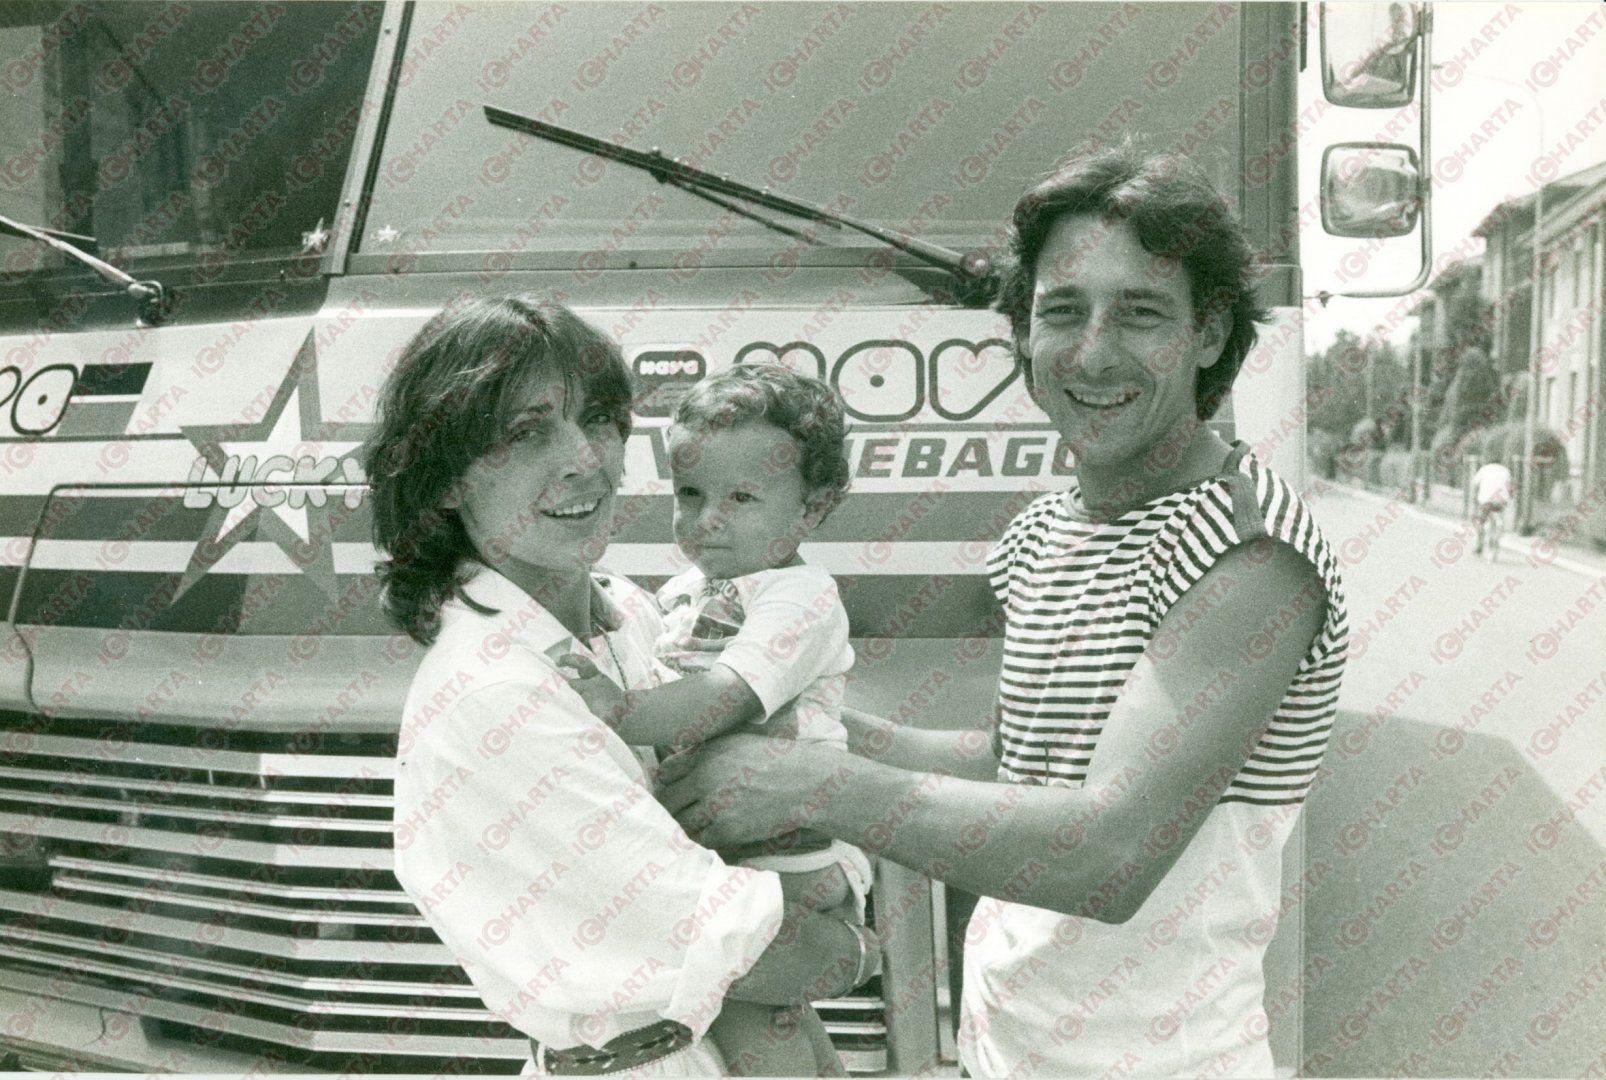 MotoGP, Tragedia in moto: muore Cristiano, figlio di Marco Lucchinelli